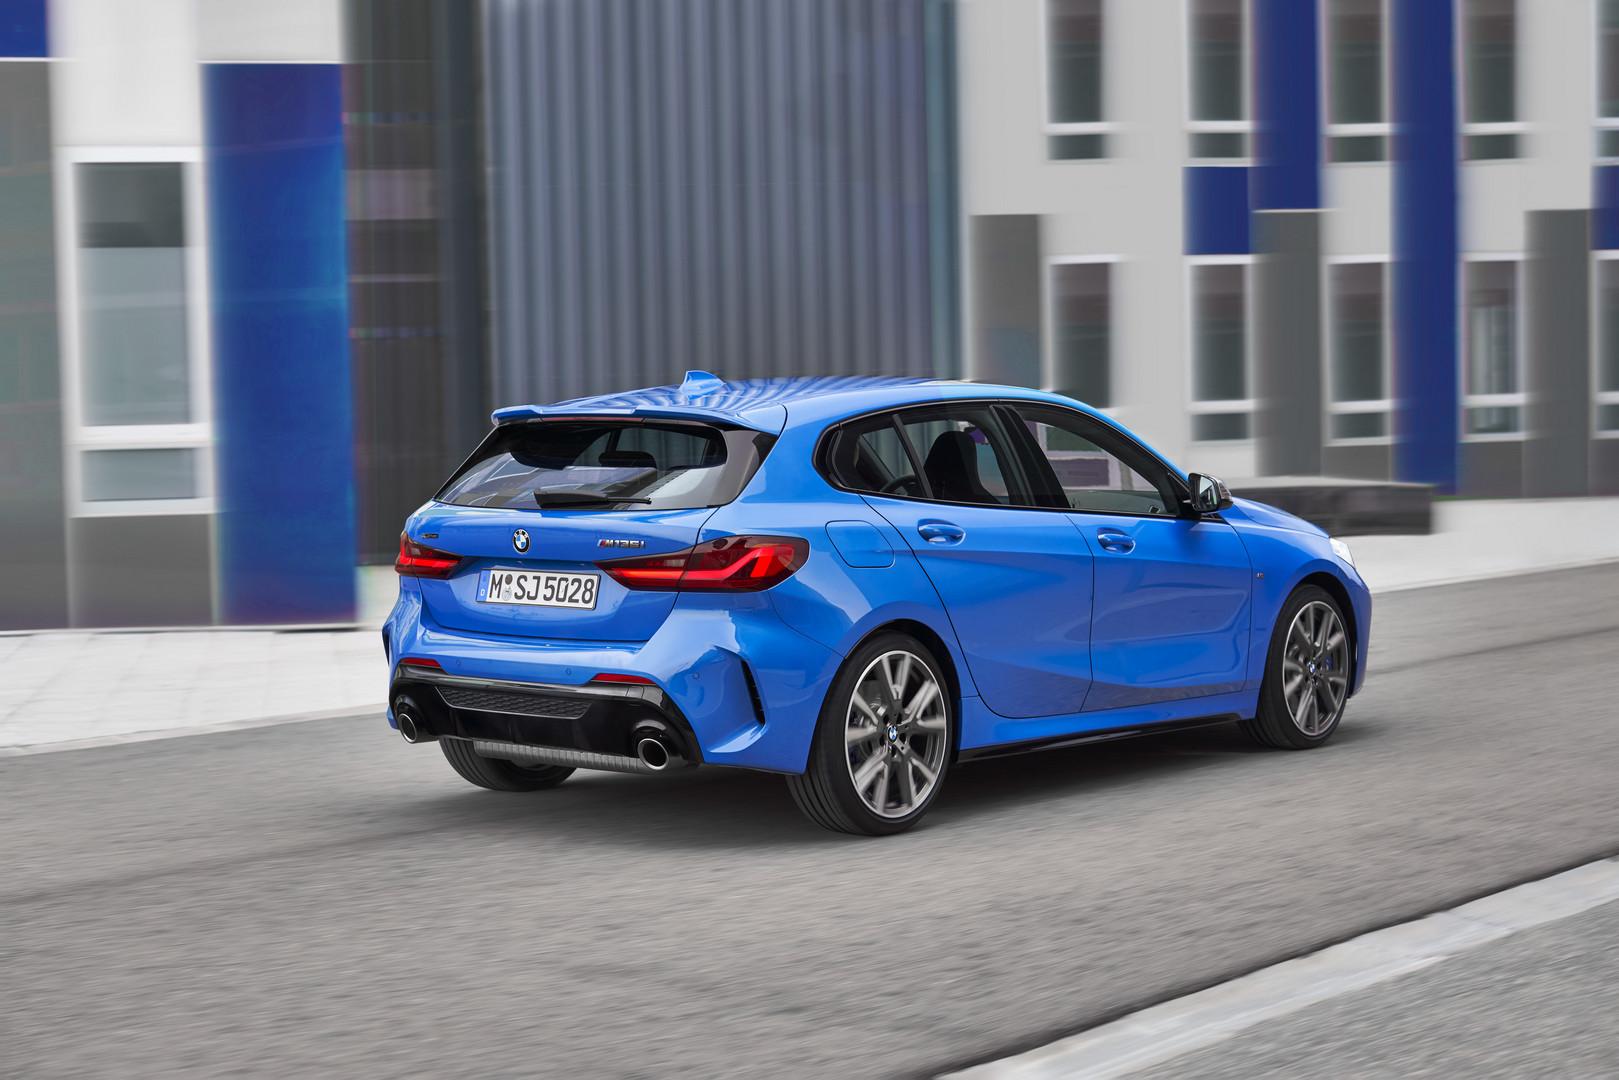 2020 BMW M135i 18 Inch Wheels